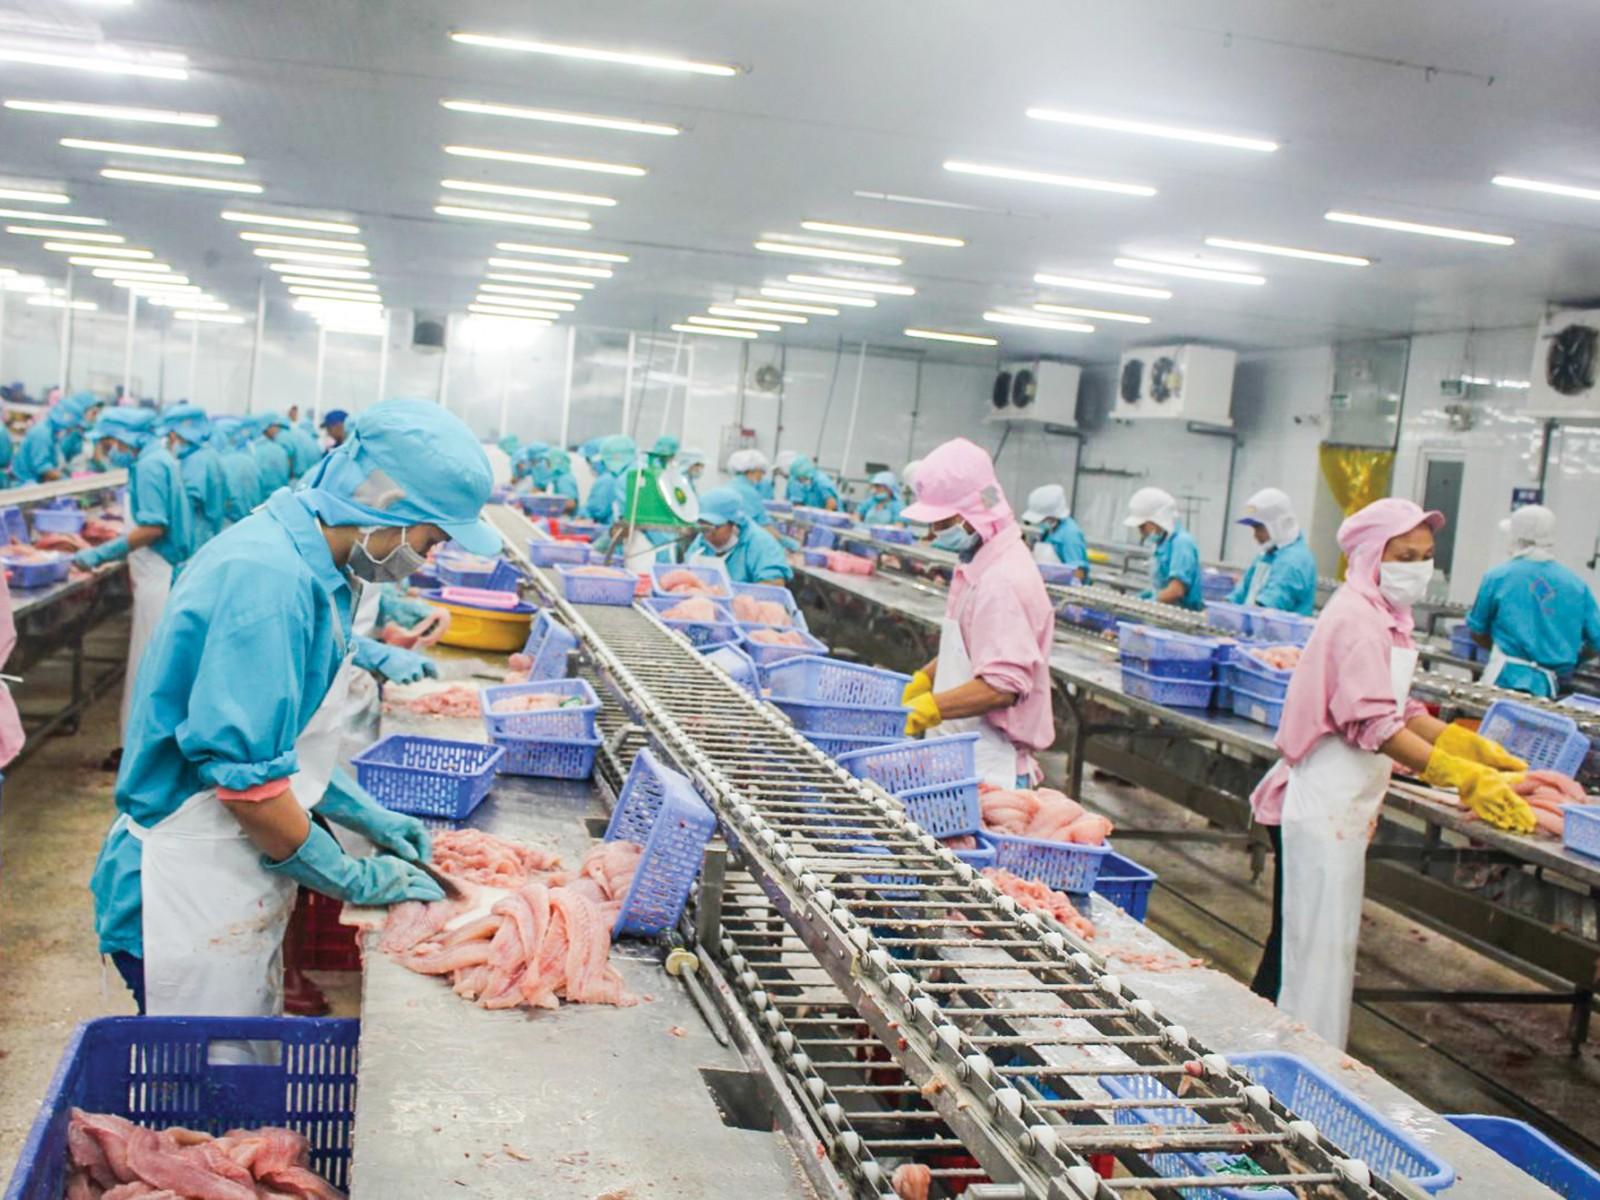 Chế biến cá tra xuất khẩu tại Công ty TNHH Công nghiệp thủy sản Miền Nam ở TP Cần Thơ. Ảnh: KHÁNH TRUNG